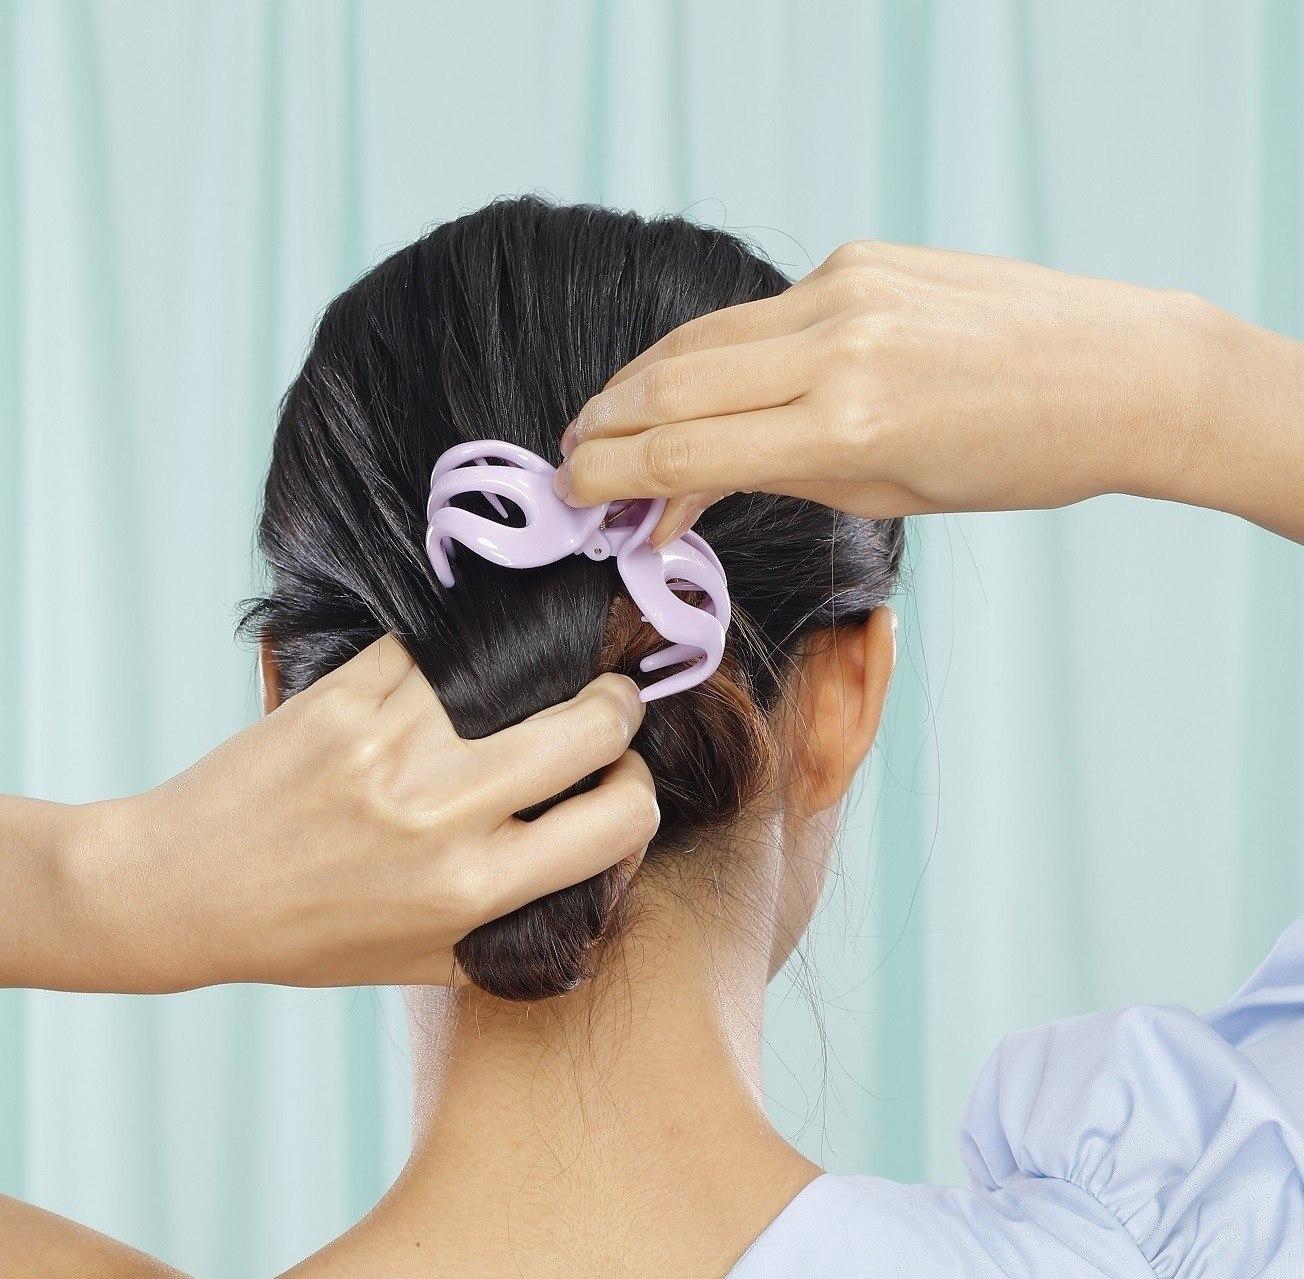 Sudah Teruji Ini 10 Cara Mengeriting Rambut Tanpa Catokan Terbaik